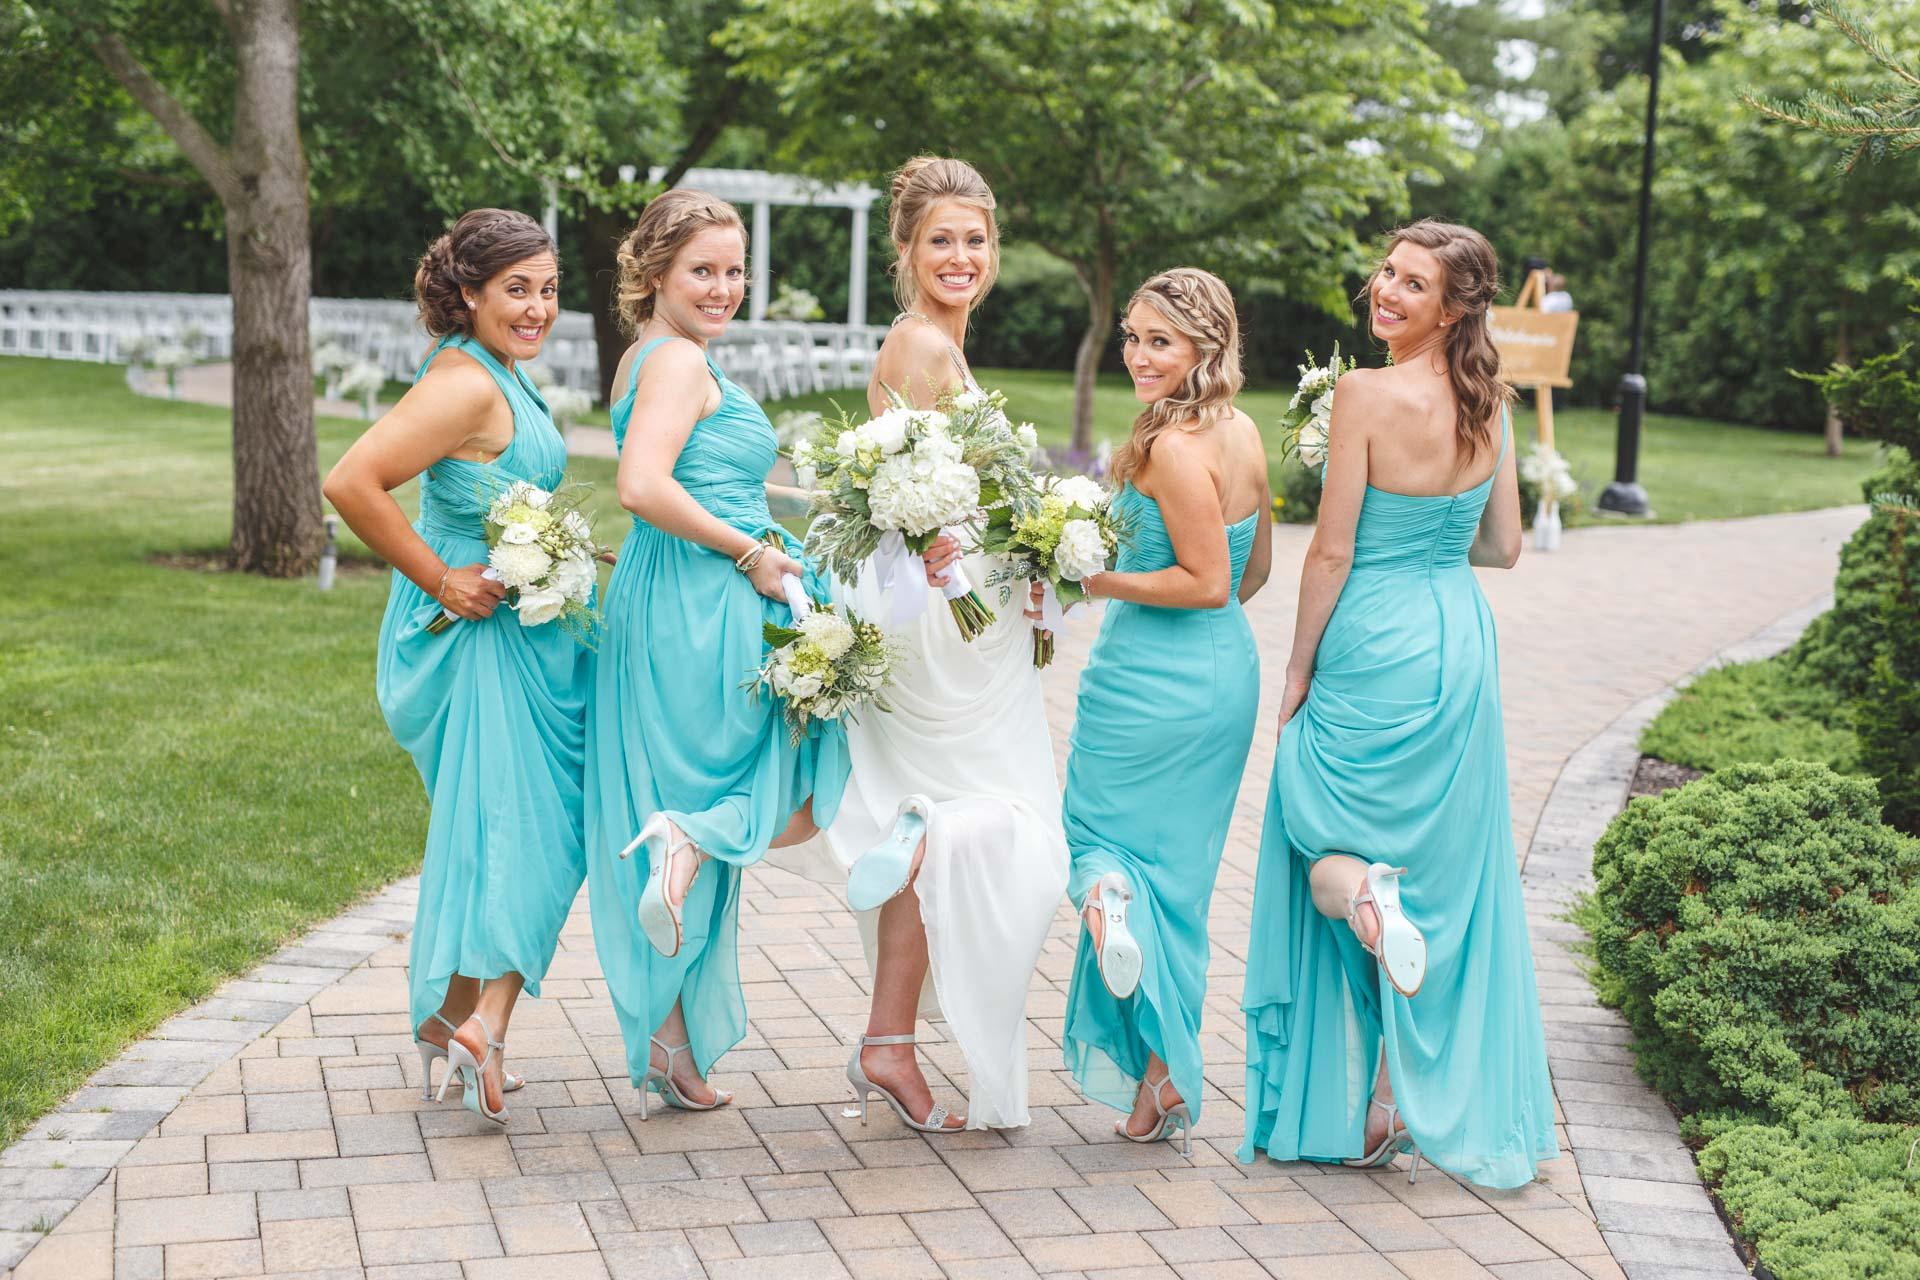 Farmington-Gardens-Wedding-Photos (21 of 66).jpg